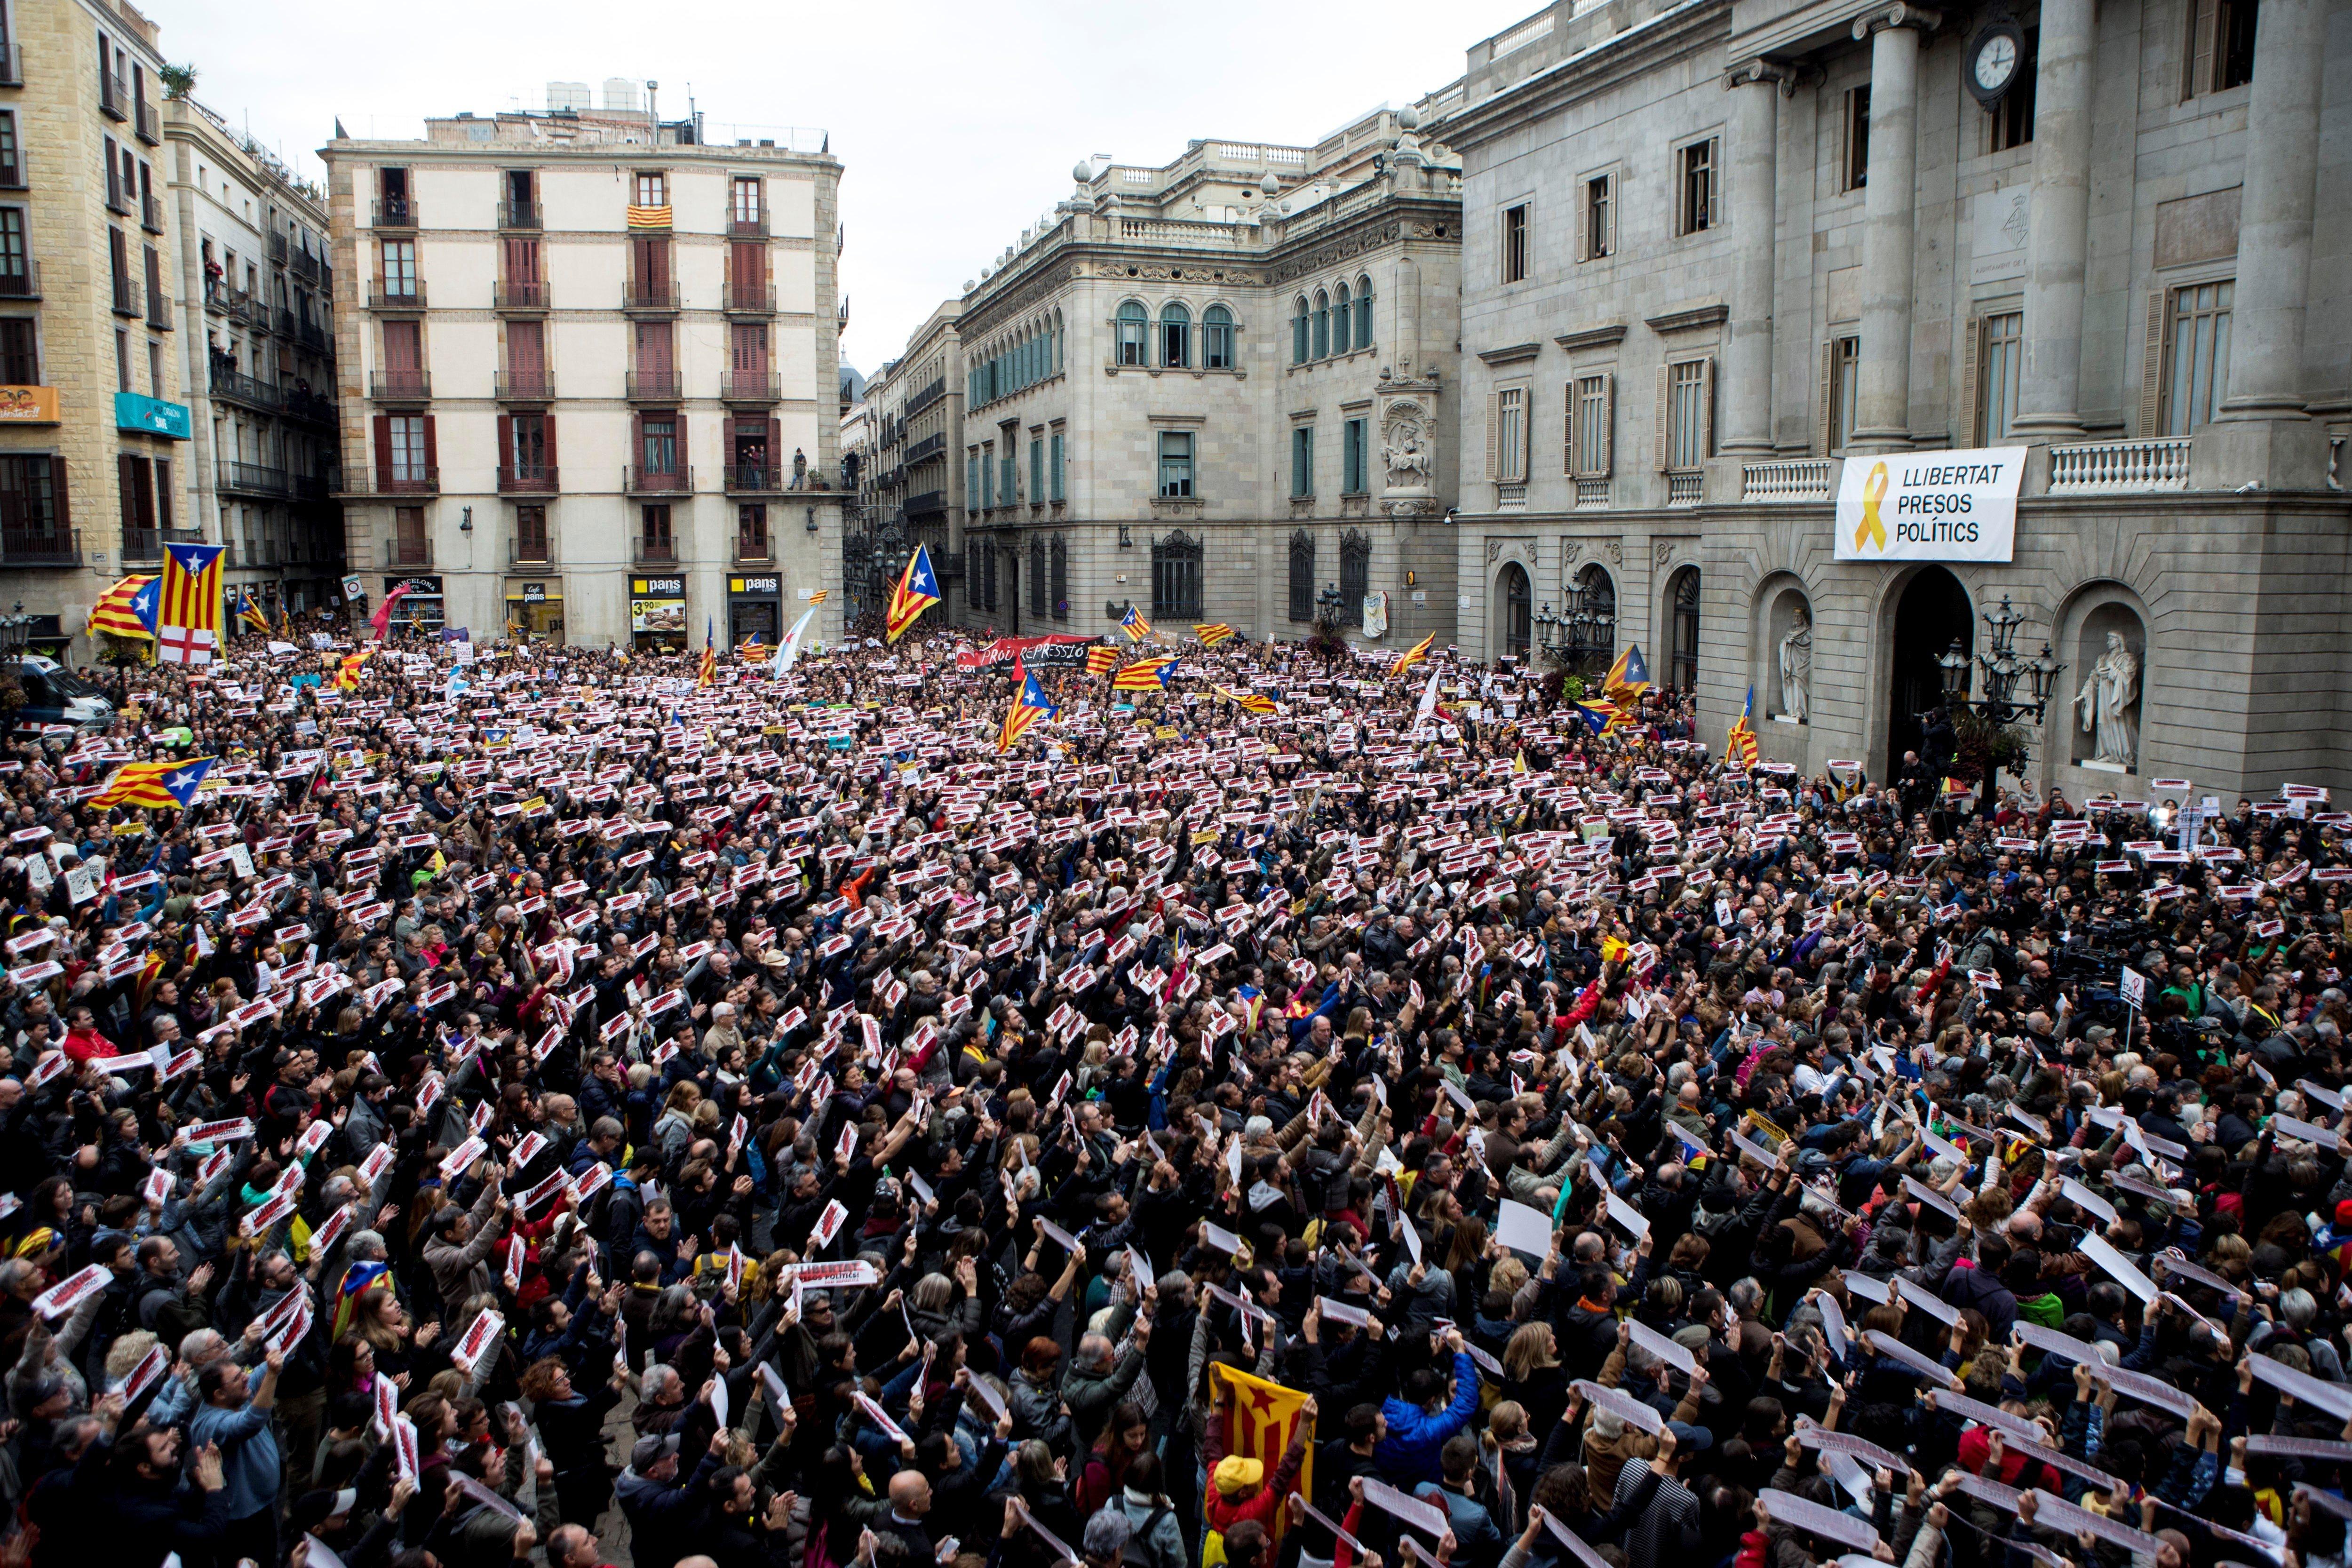 Multitudinària concentració a Barcelona per exigir la llibertat dels polítics catalans empresonats. /QUIQUE GARCÍA